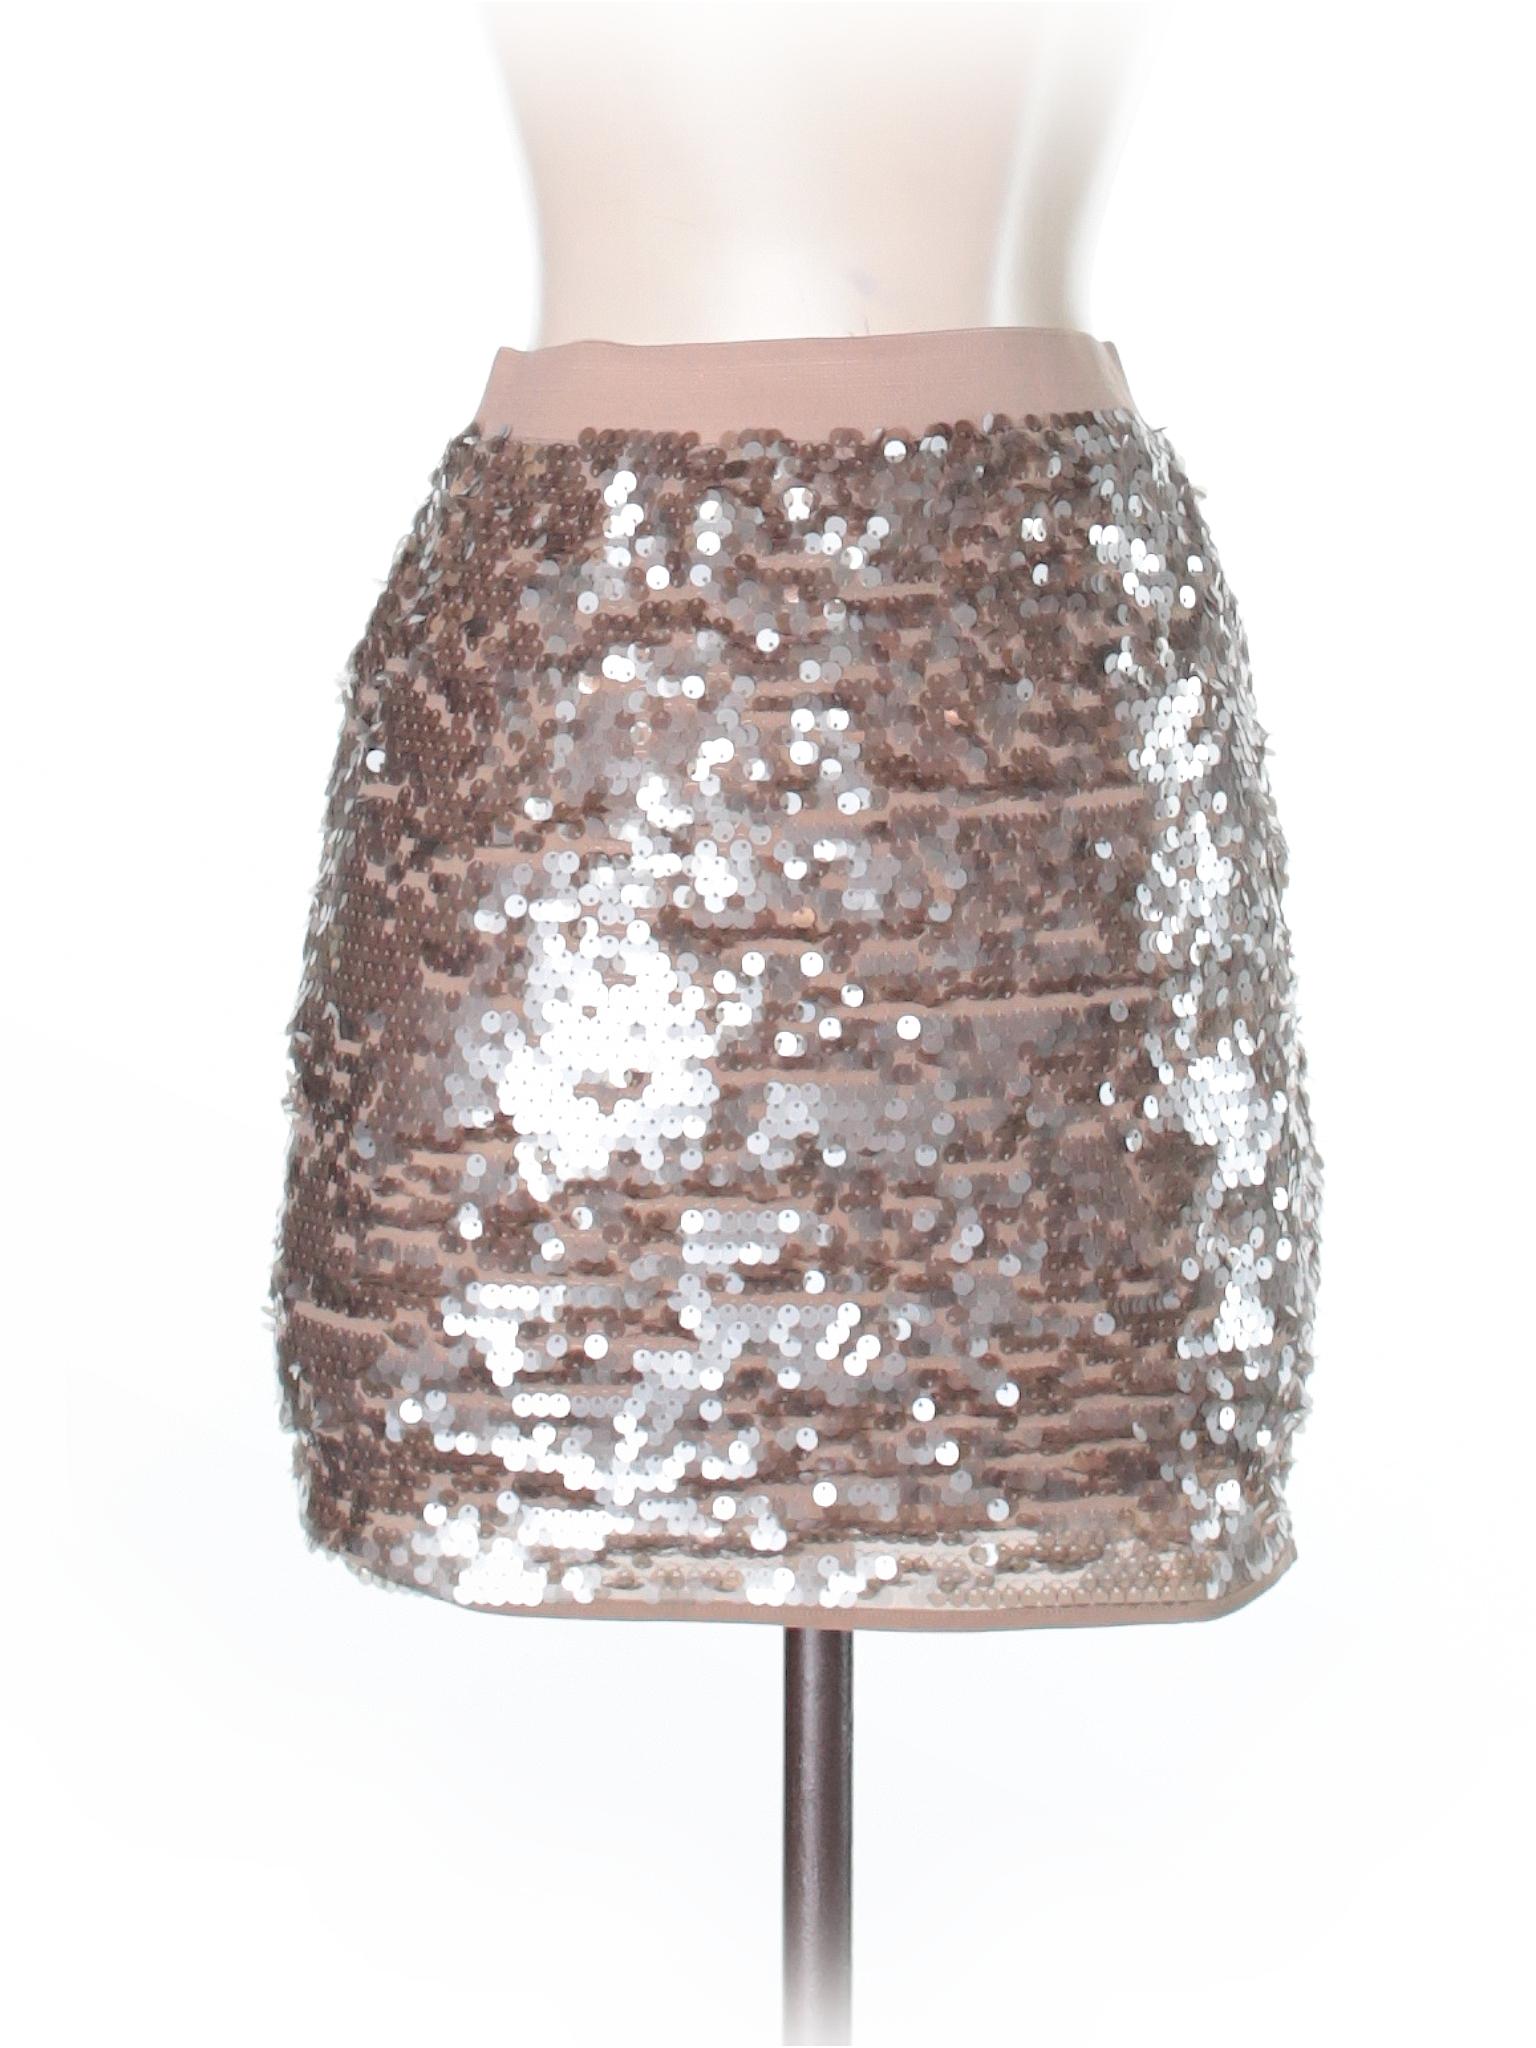 Boutique Formal Skirt Boutique Formal q8FwznrxFX